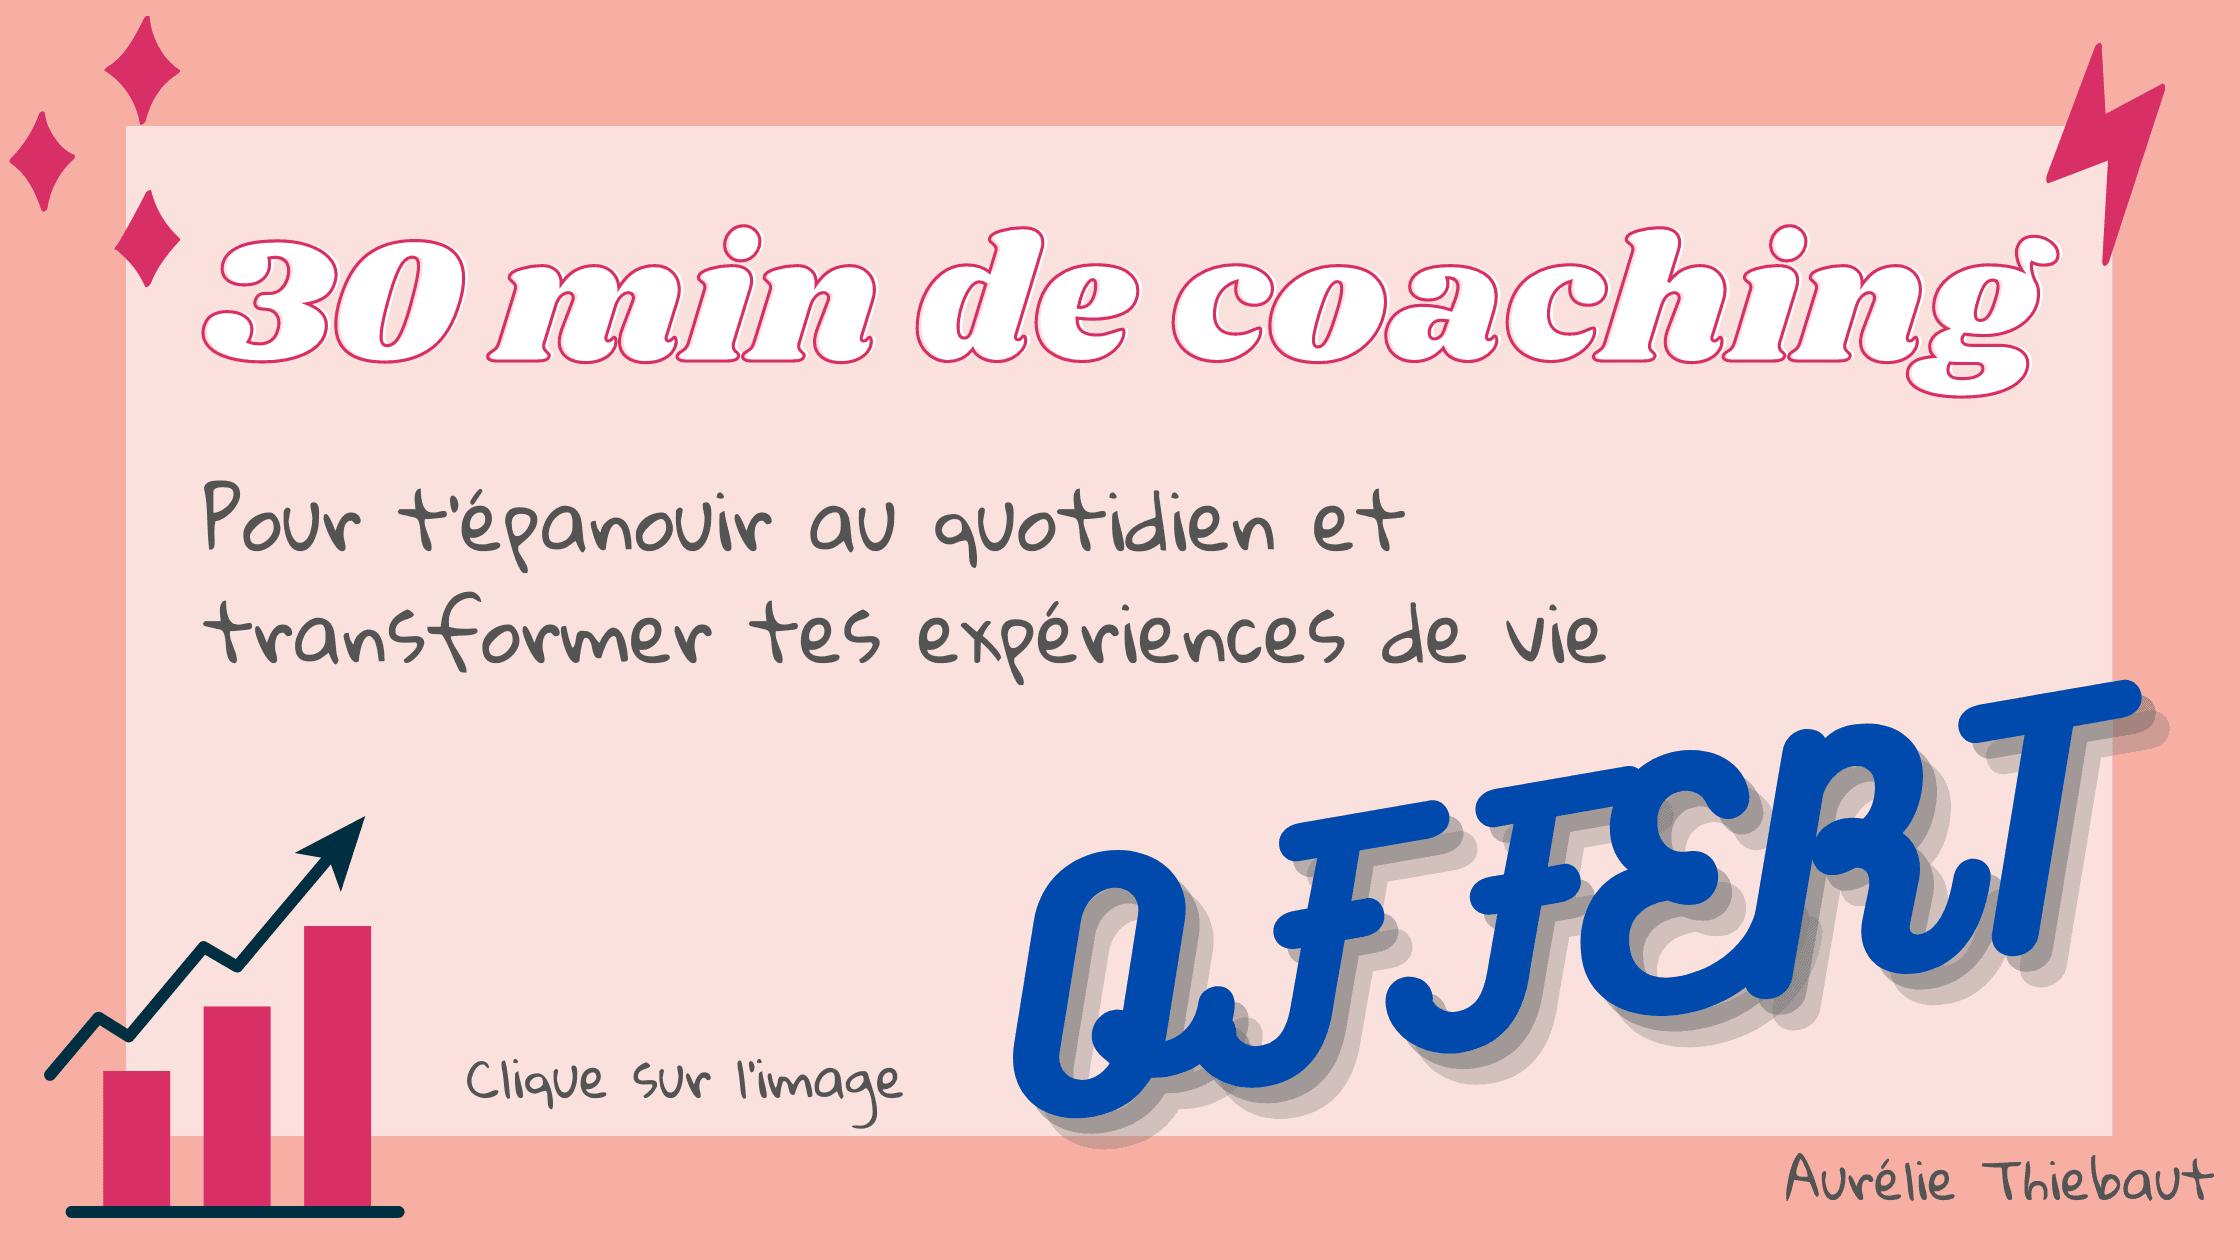 banniere coaching offert